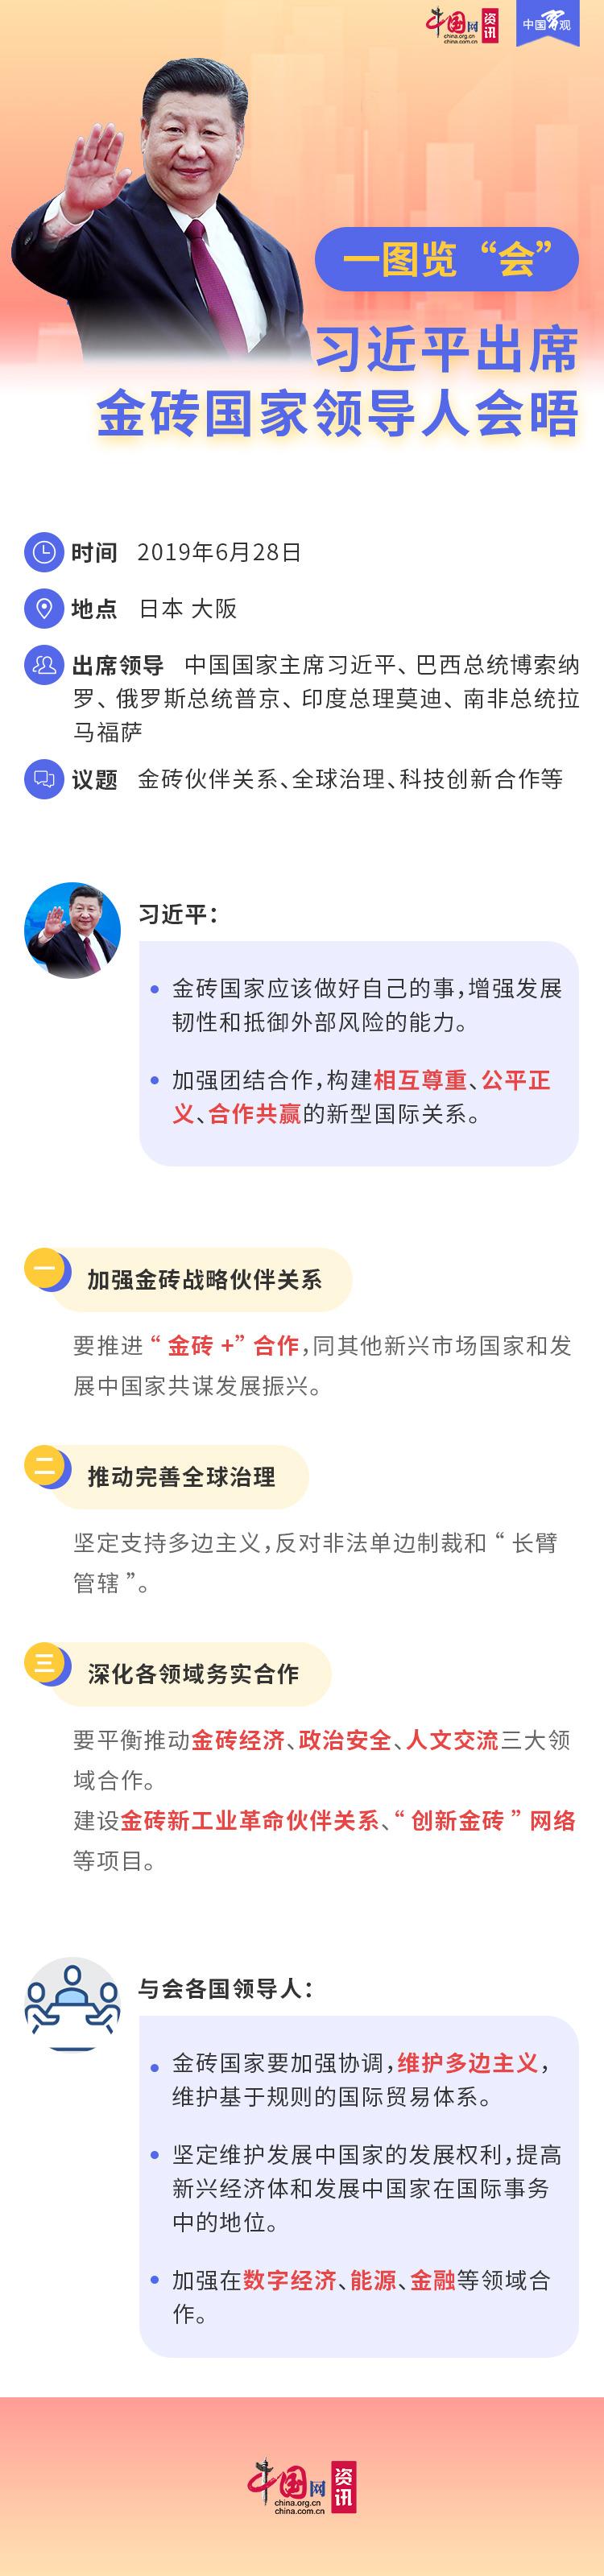 20190628習近平出席金磚國家領導人會晤(1).jpg